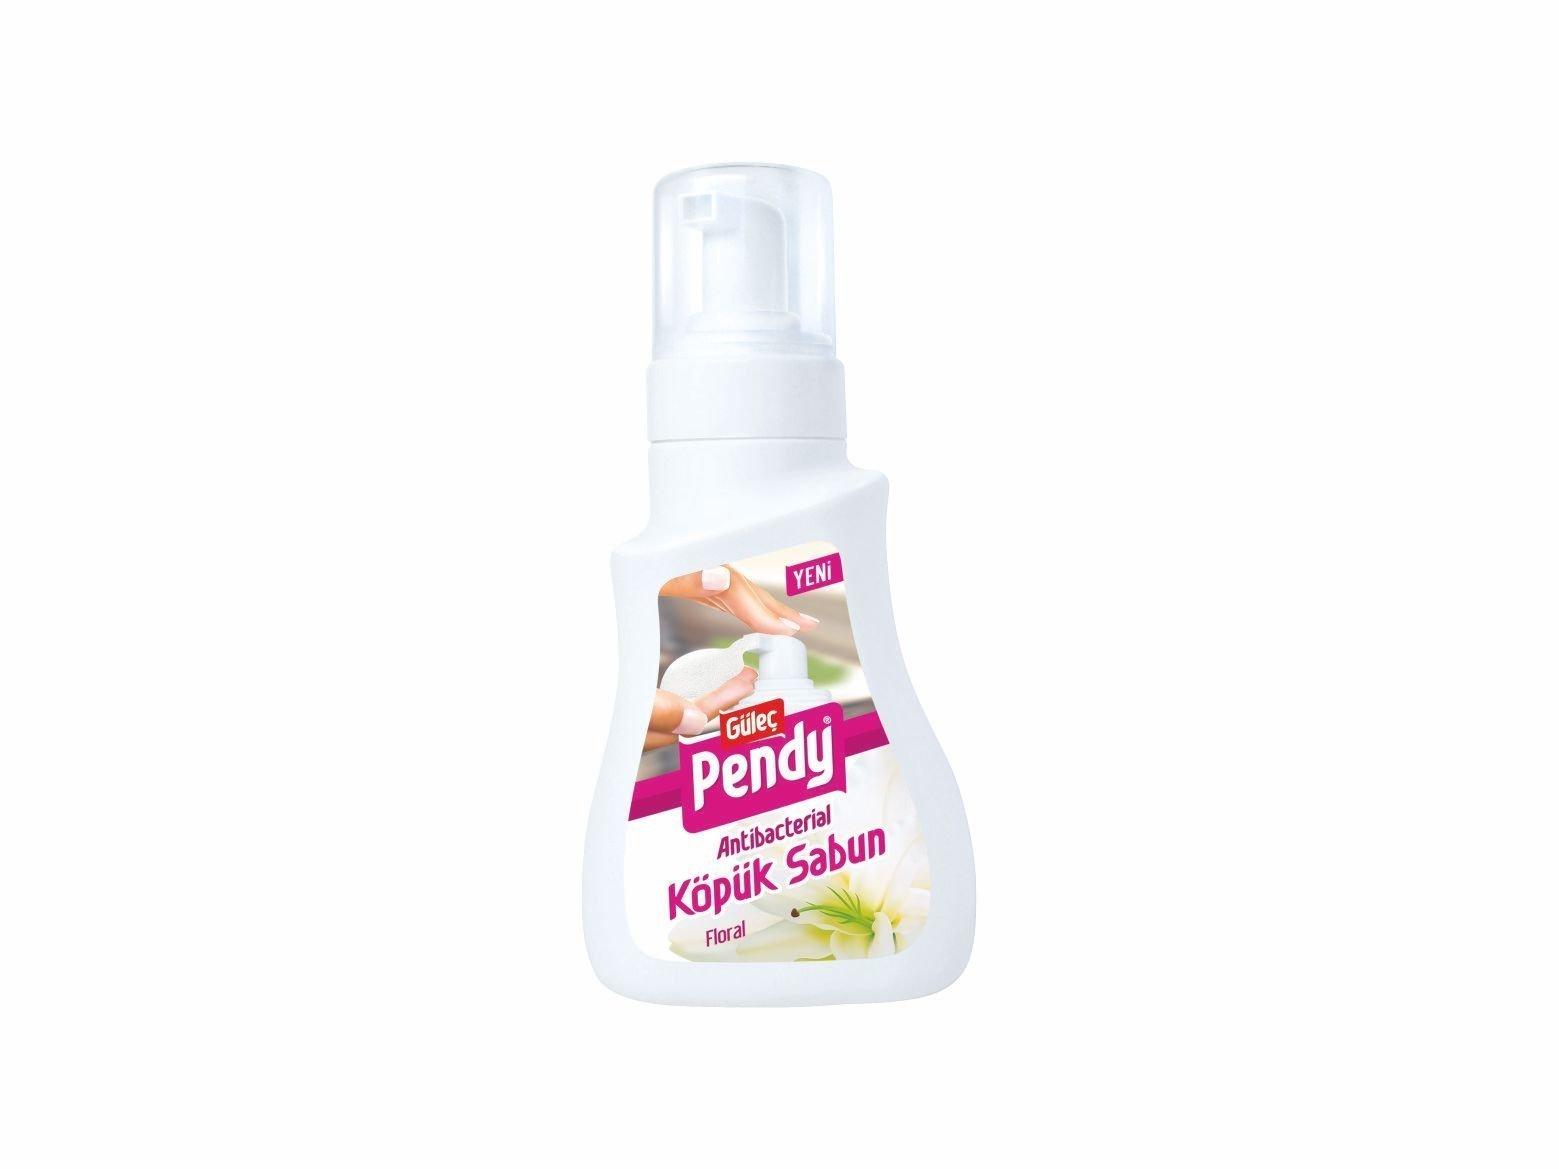 Pendy Köpük Sabun 330 ml